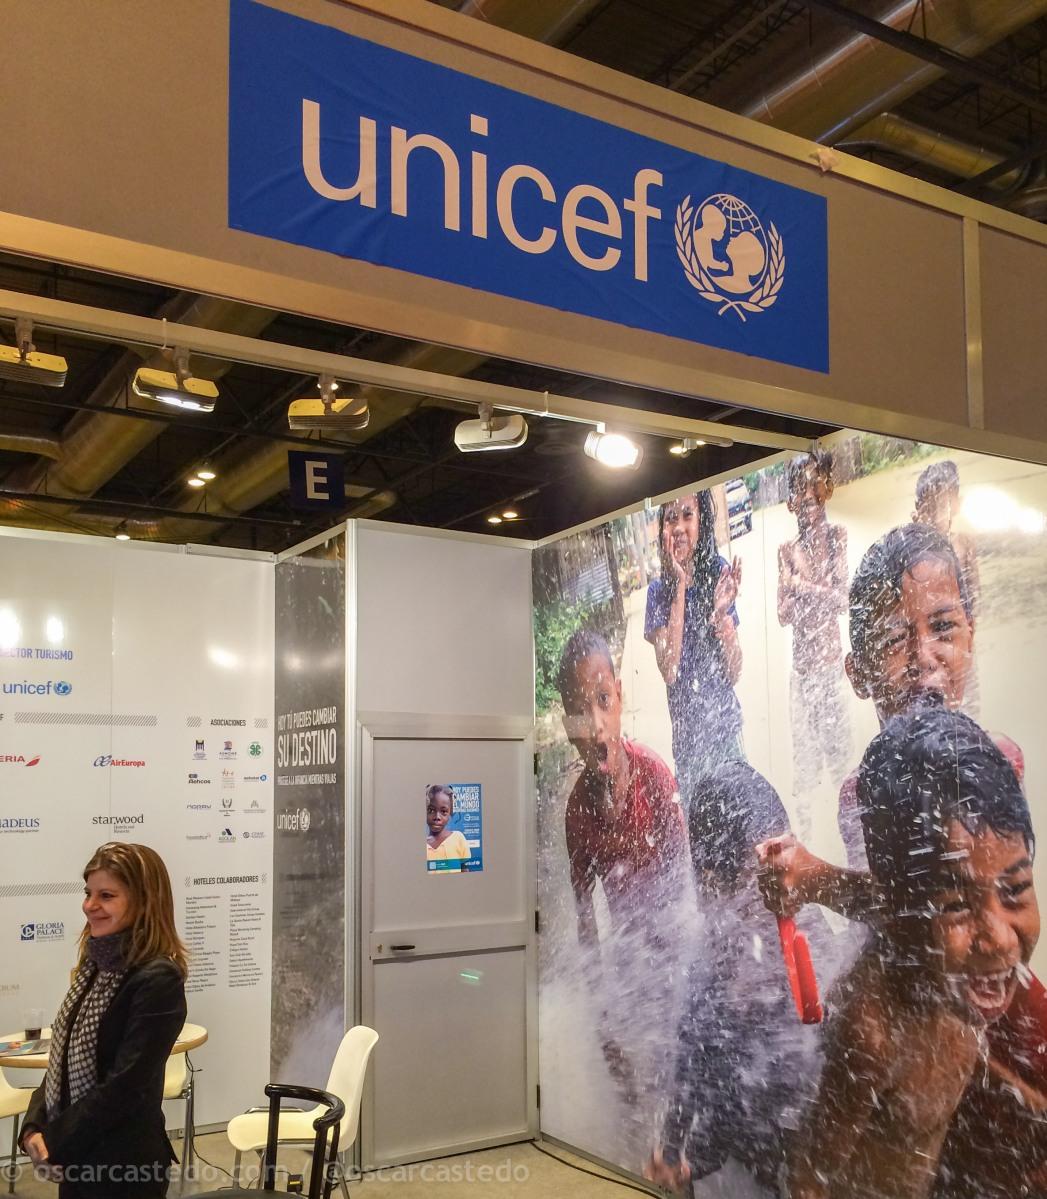 Tu vuelo puede cambiar su destino. Campaña de Unicef, Iberia y Amadeus